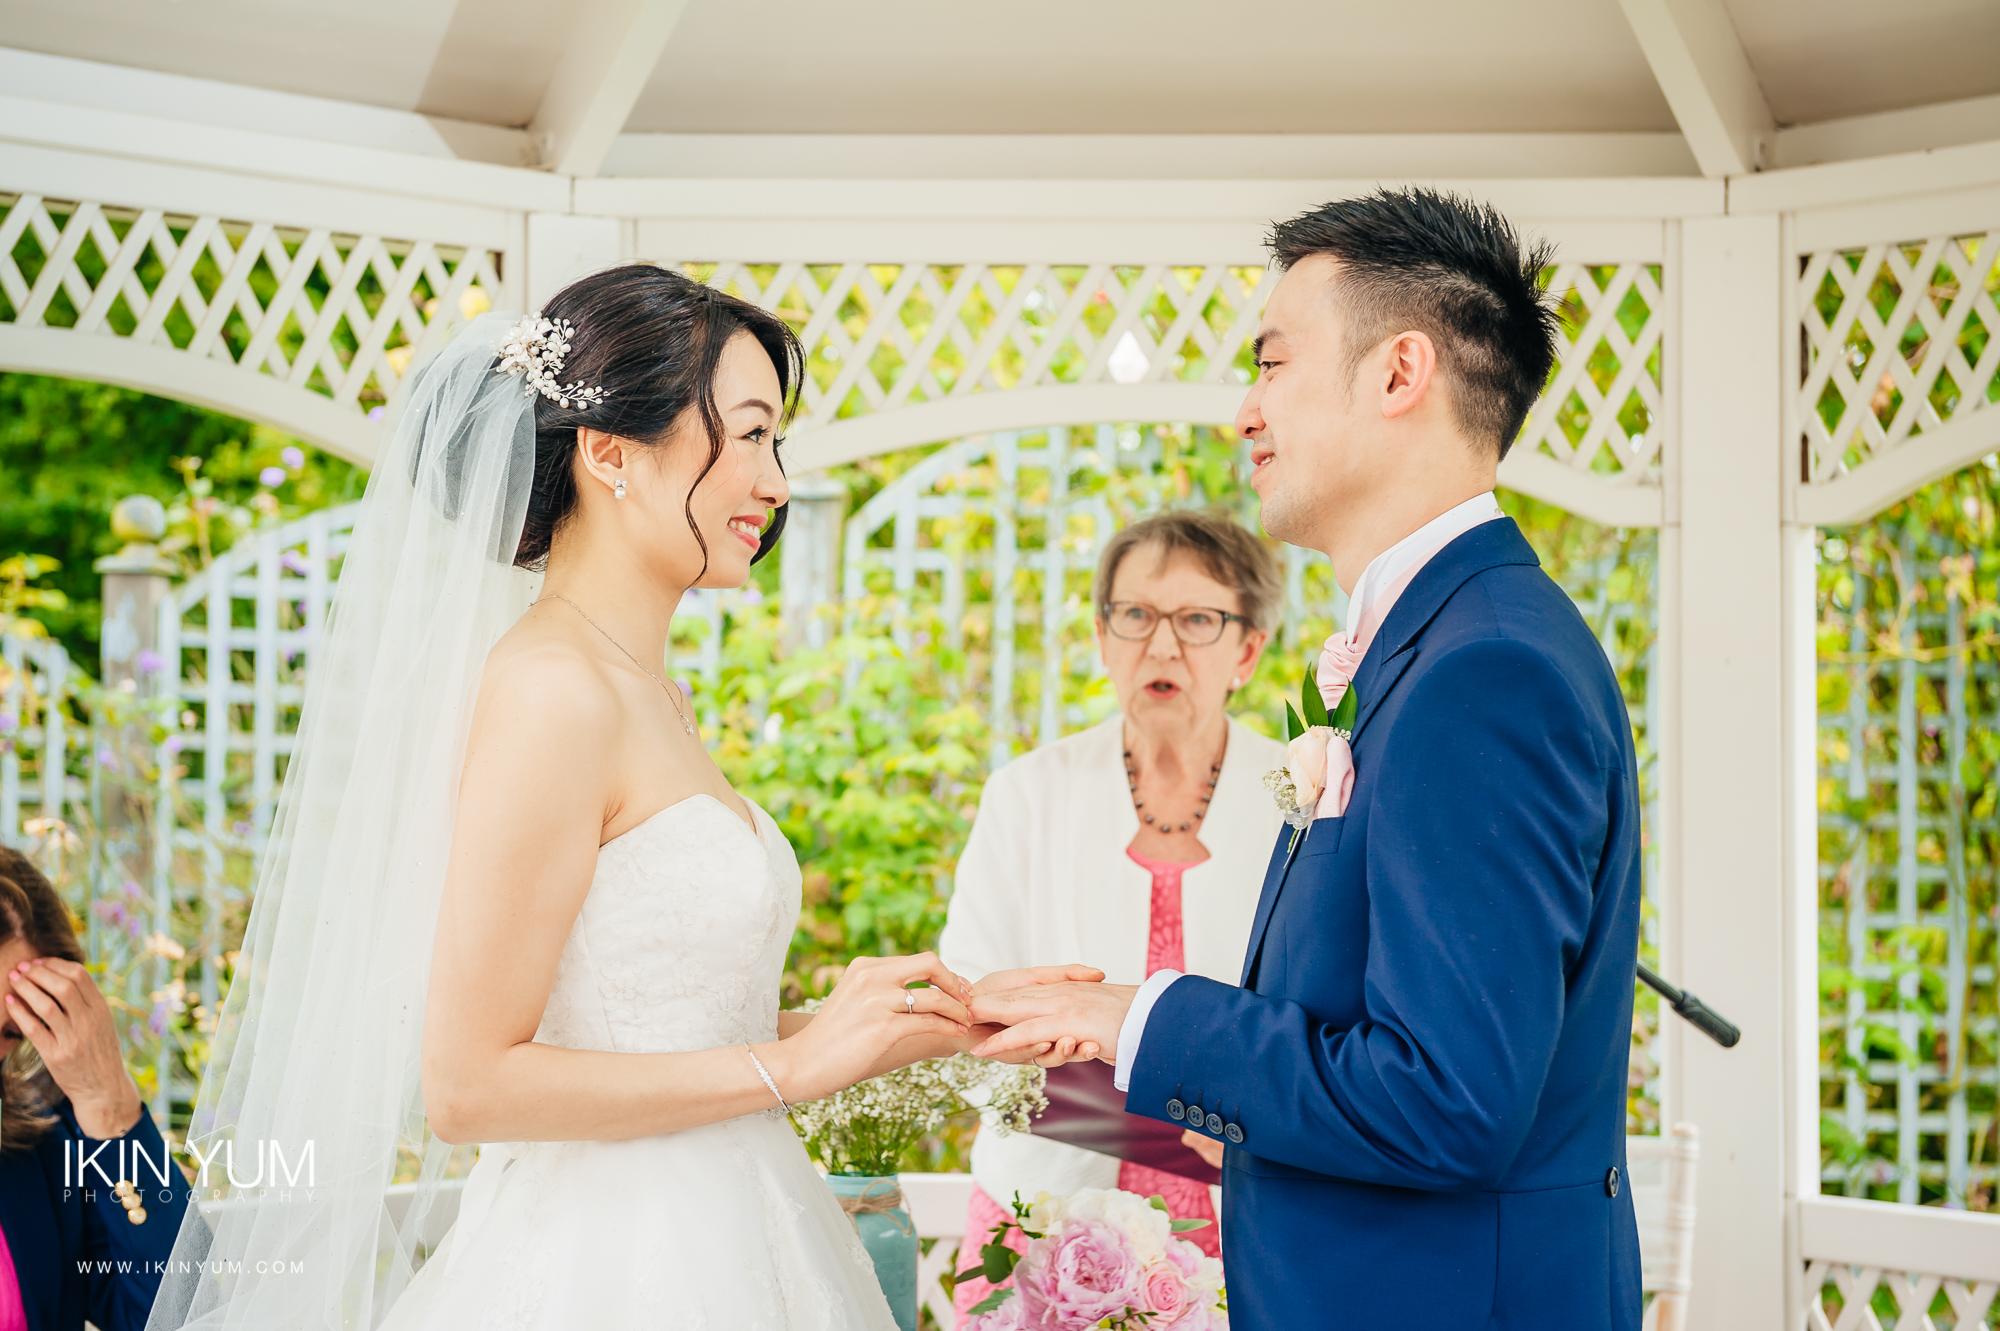 Sylvianne & Chun Wedding Day - Ikin Yum Photography-082.jpg